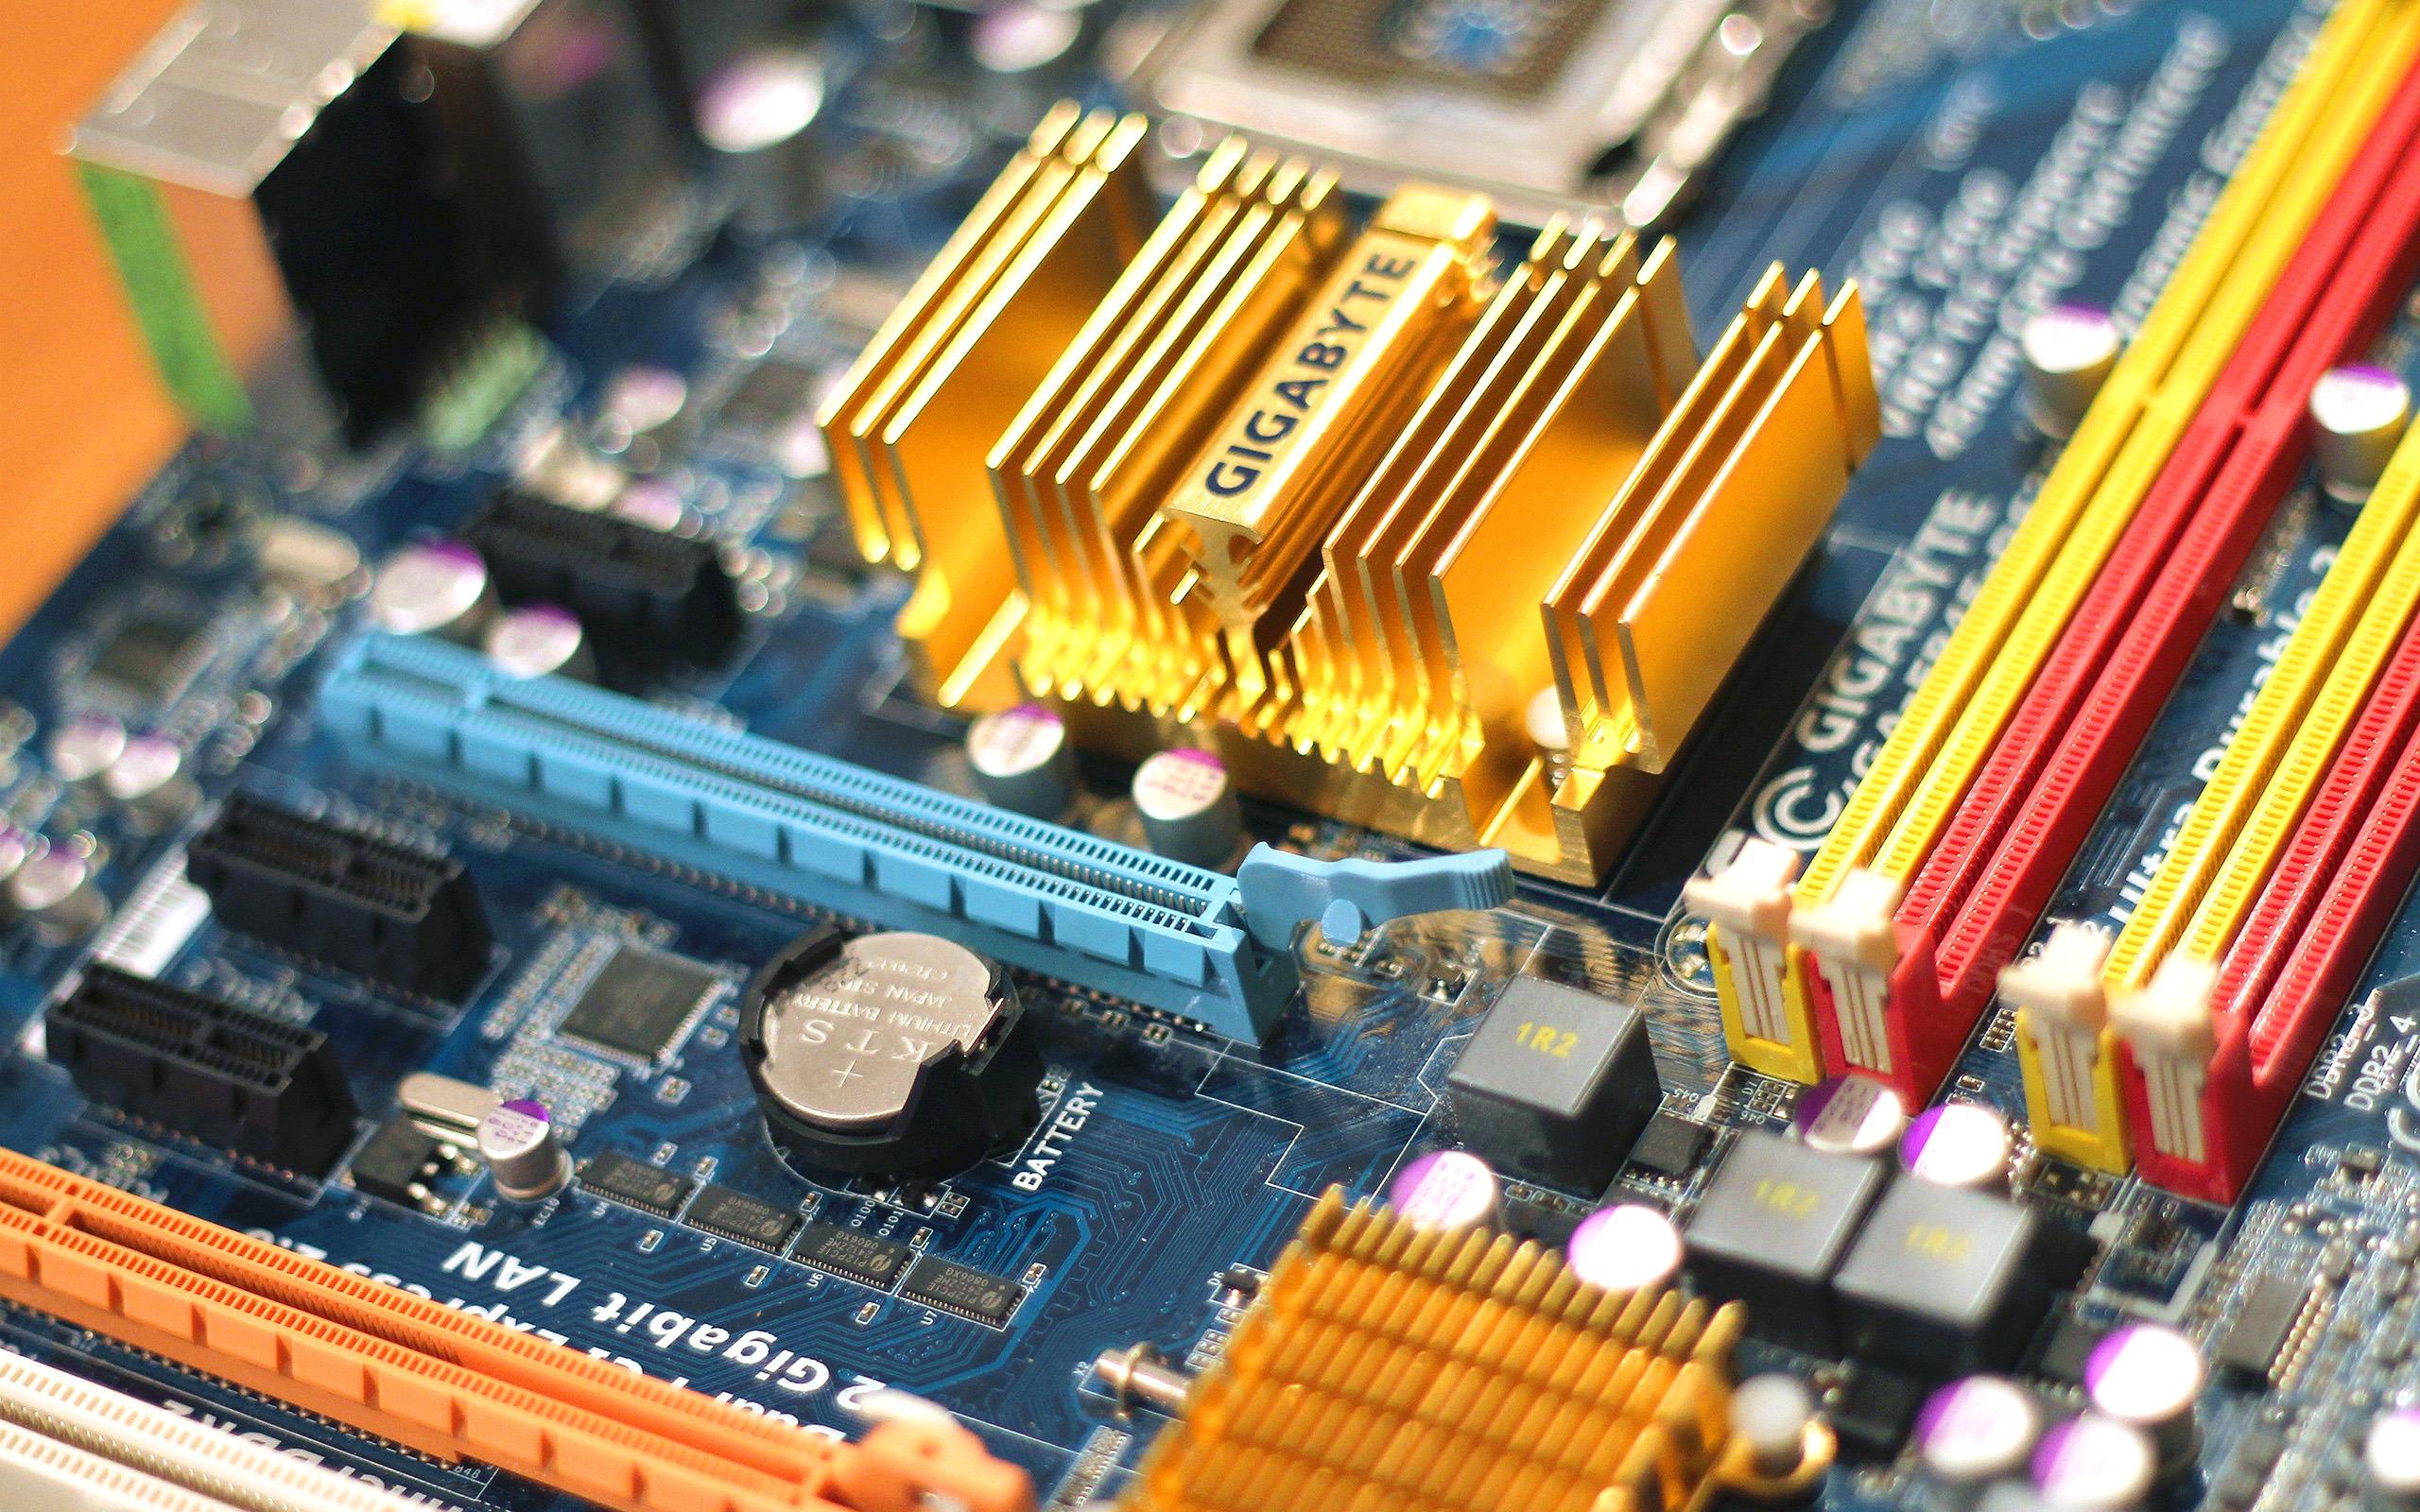 コンピュータチップギガバイト ブランドのhdの壁紙プレビュー